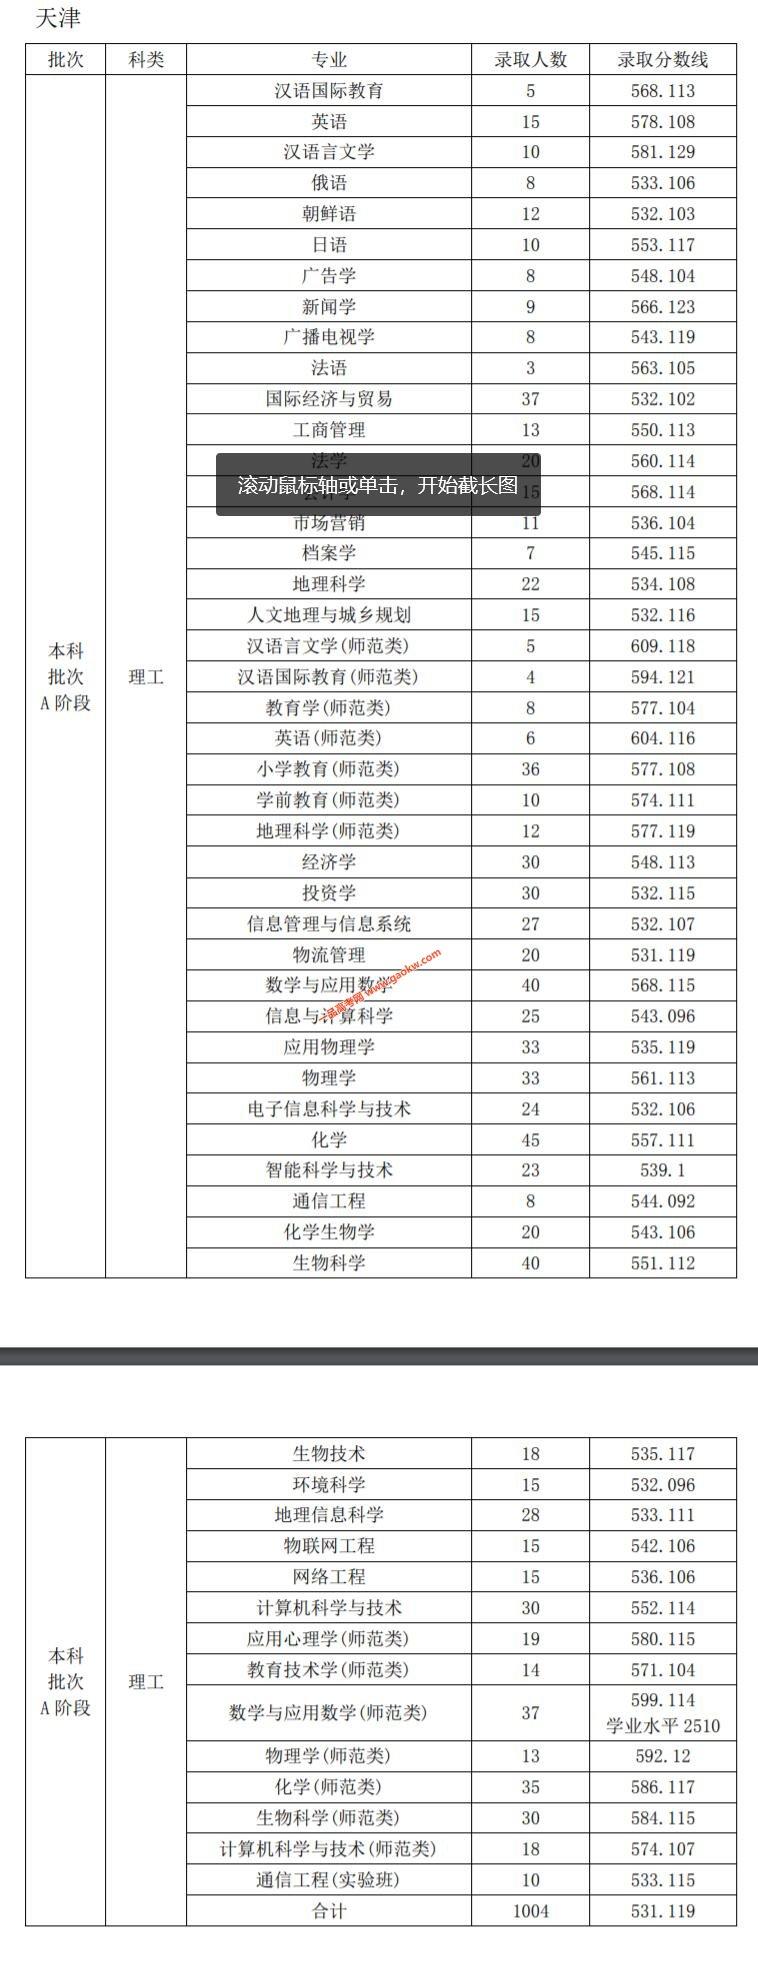 天津师范大学2019年录取分数线3